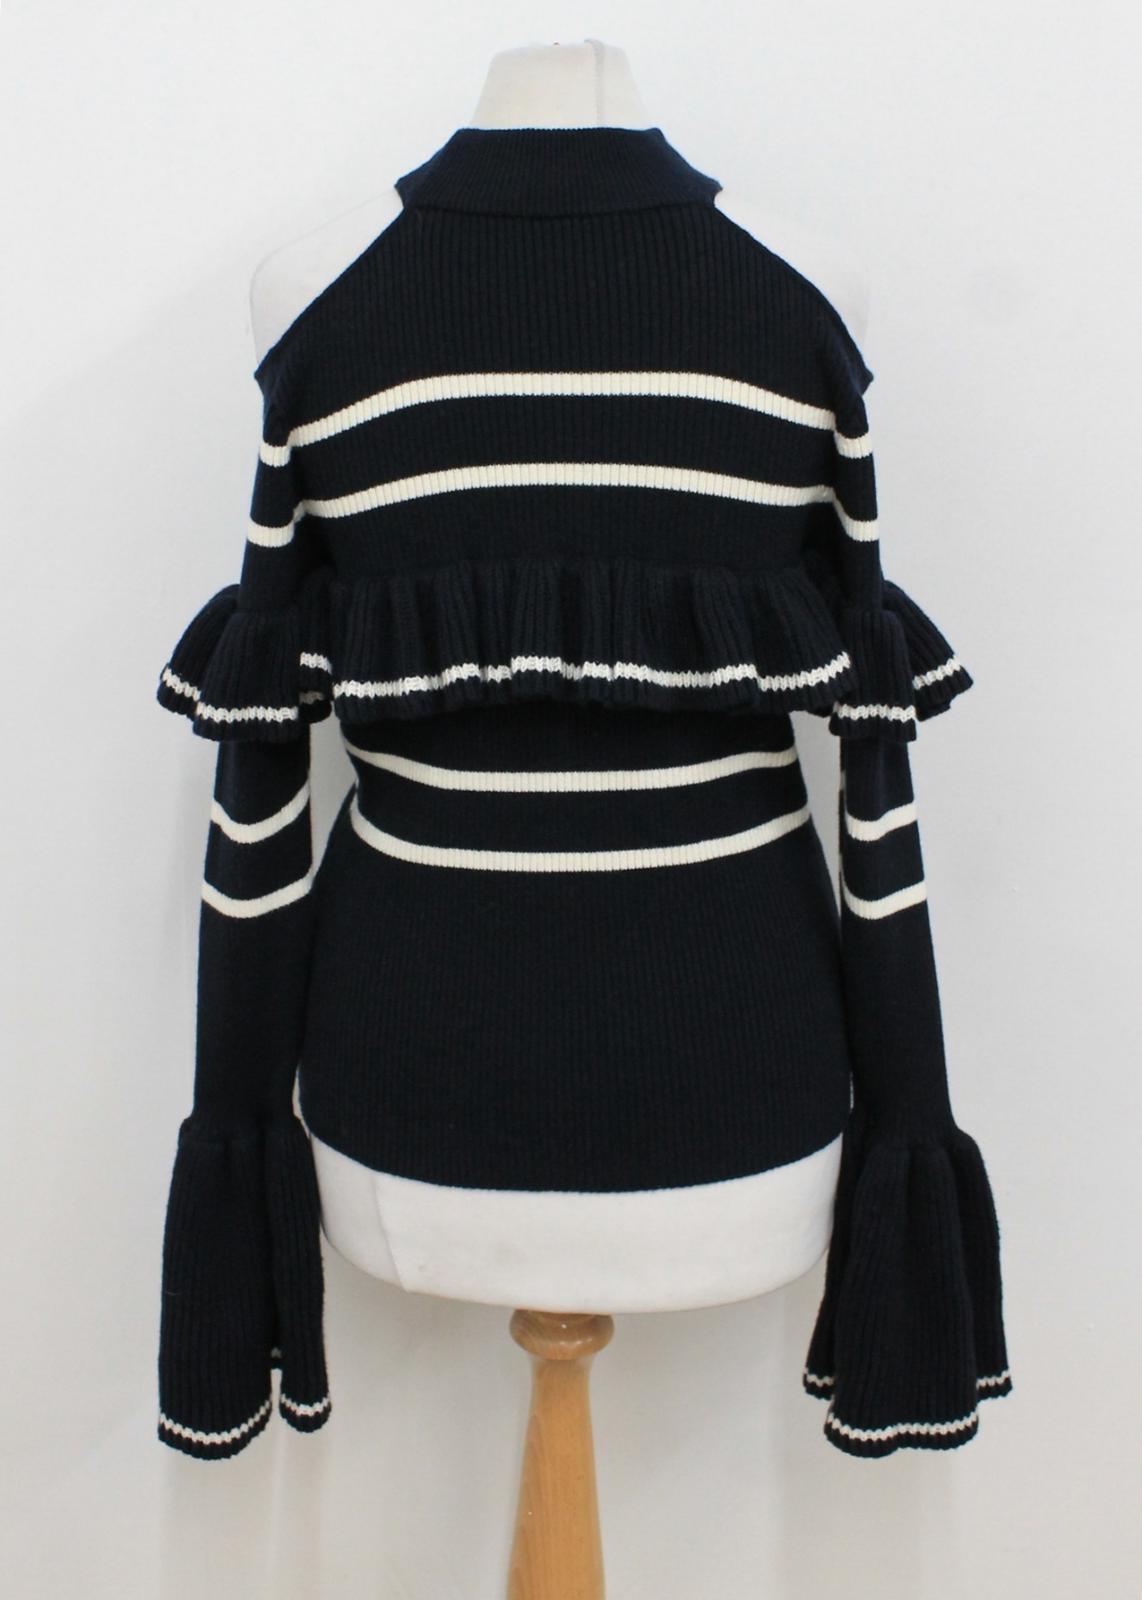 Marineblau weißer Selbstporträt gestrickte kalte Oberseite S Damen Streifen gekräuselte Schulter 56w7w